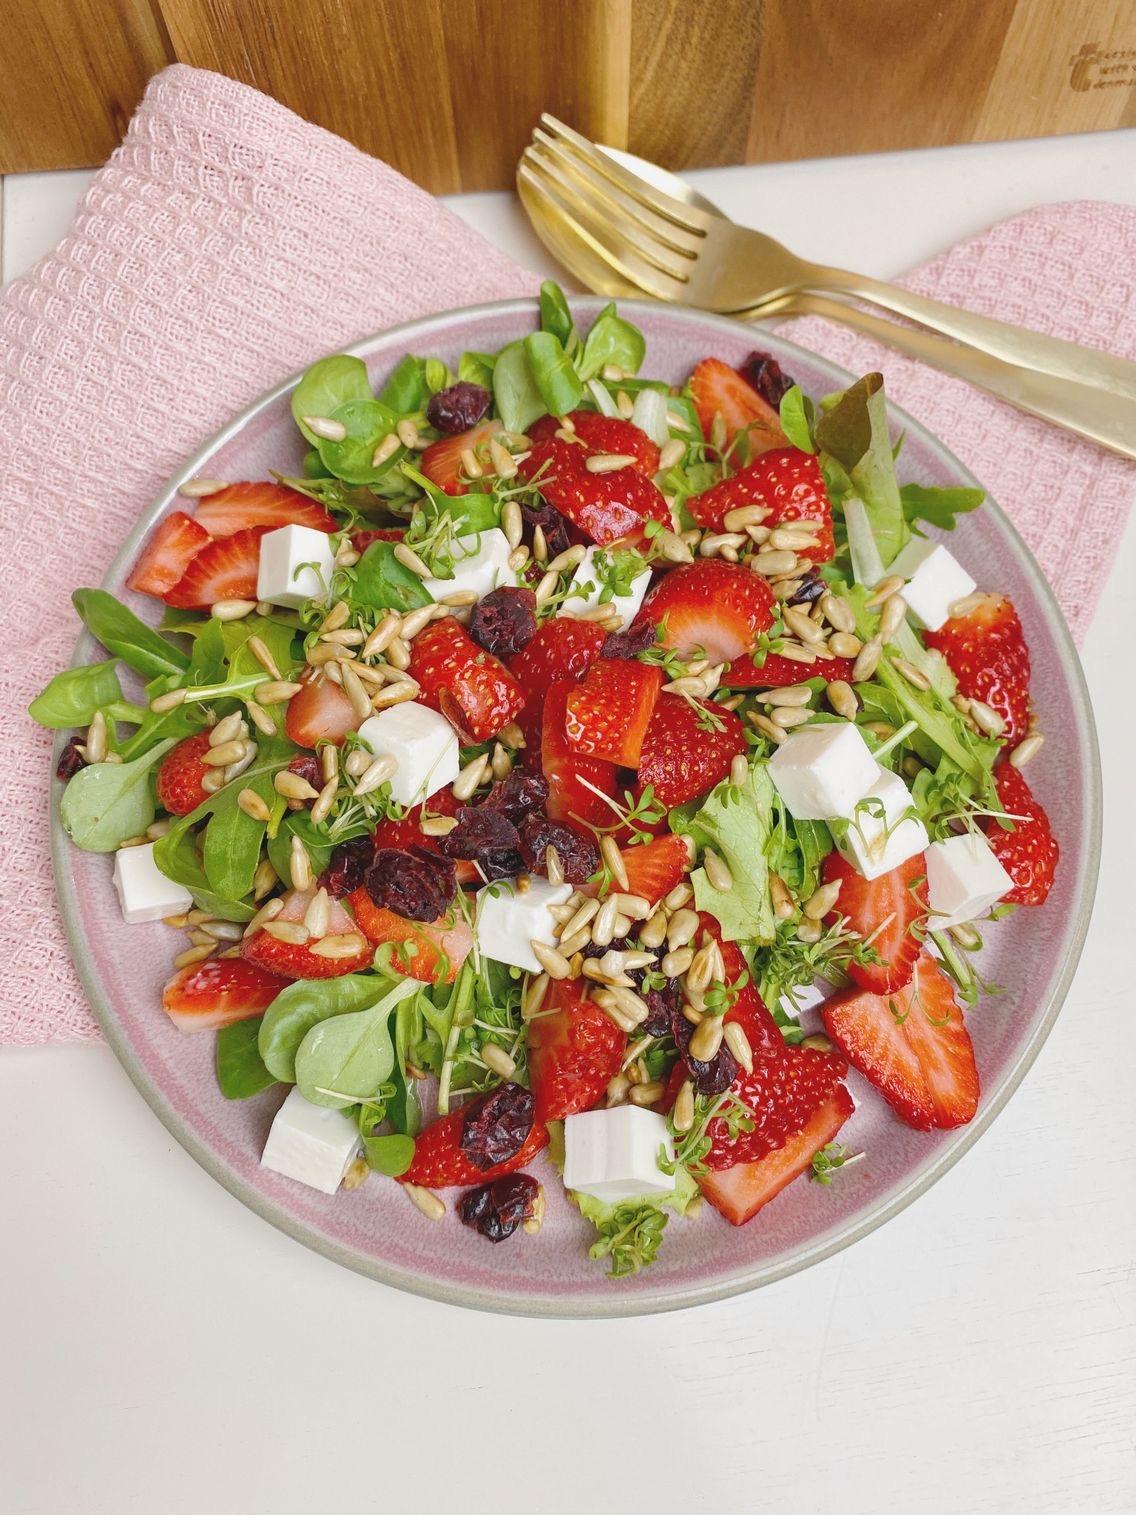 ¨Jordbærsalat med tranebær set oppefra